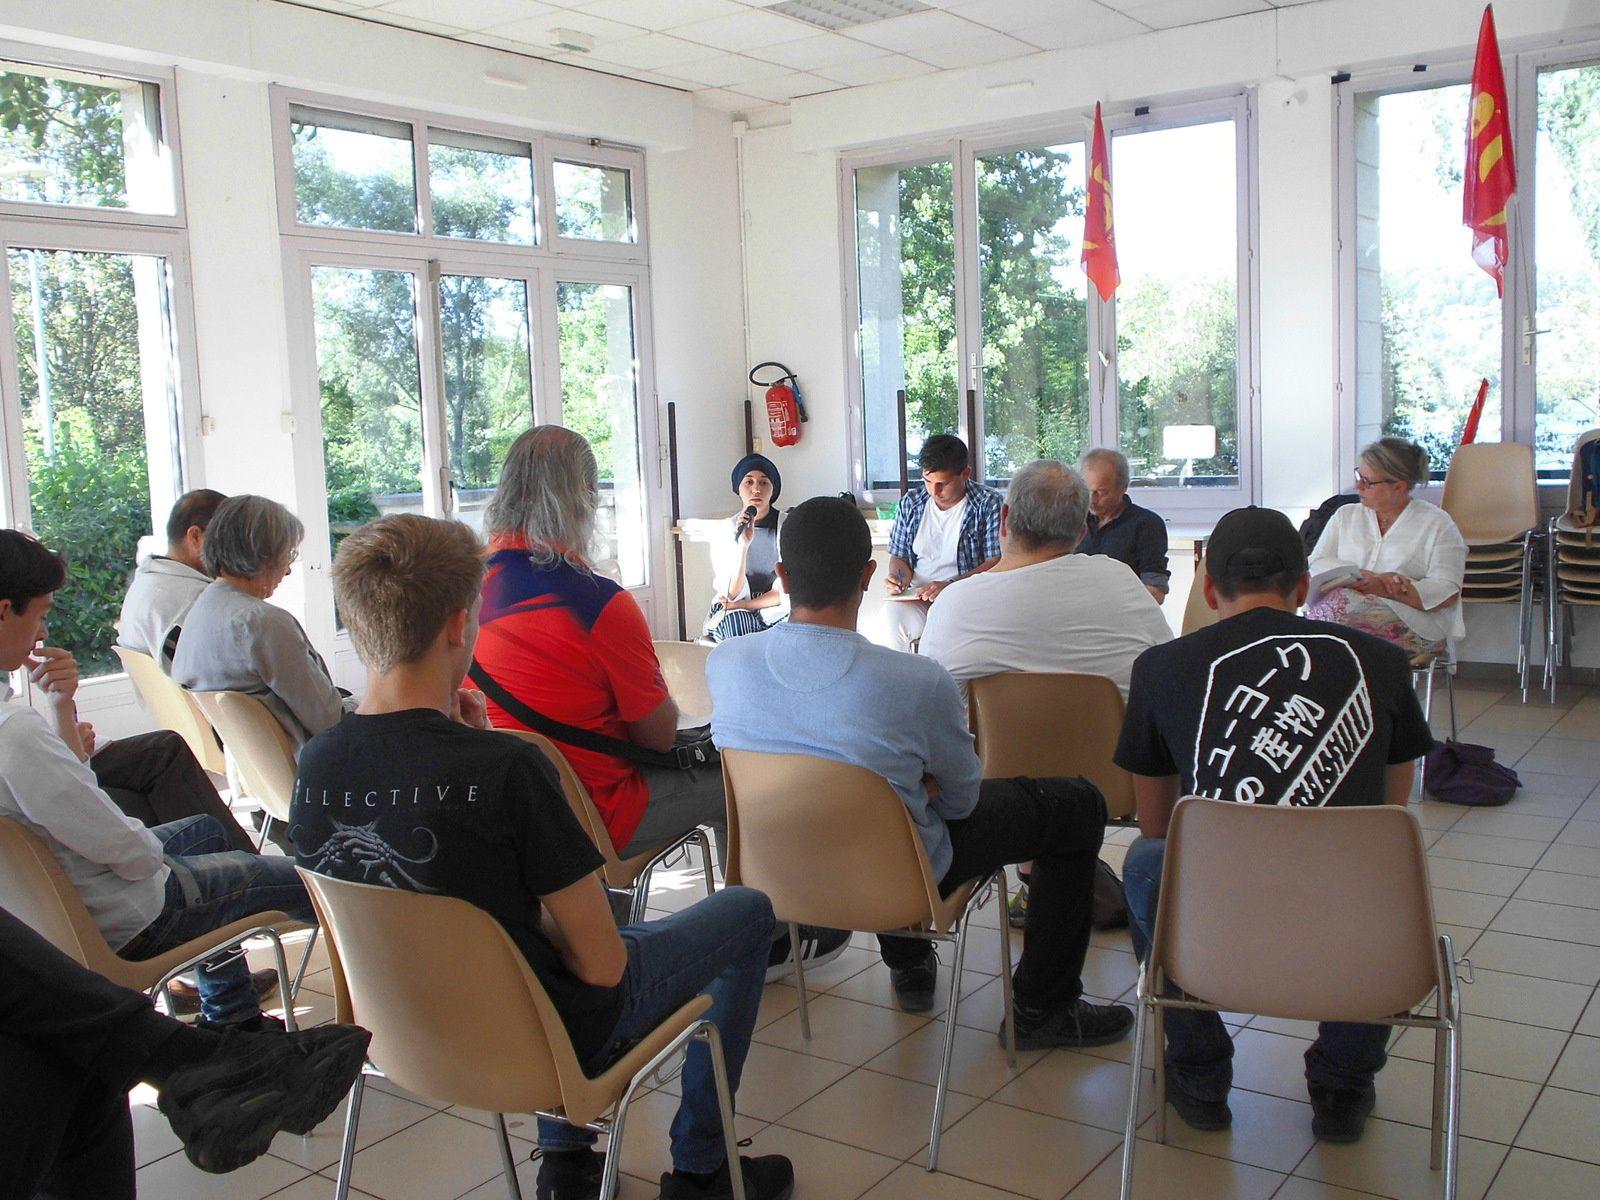 Mantes-la-Jolie. Les jeunes communistes contre l'extrême-droite: une belle initiative politique.